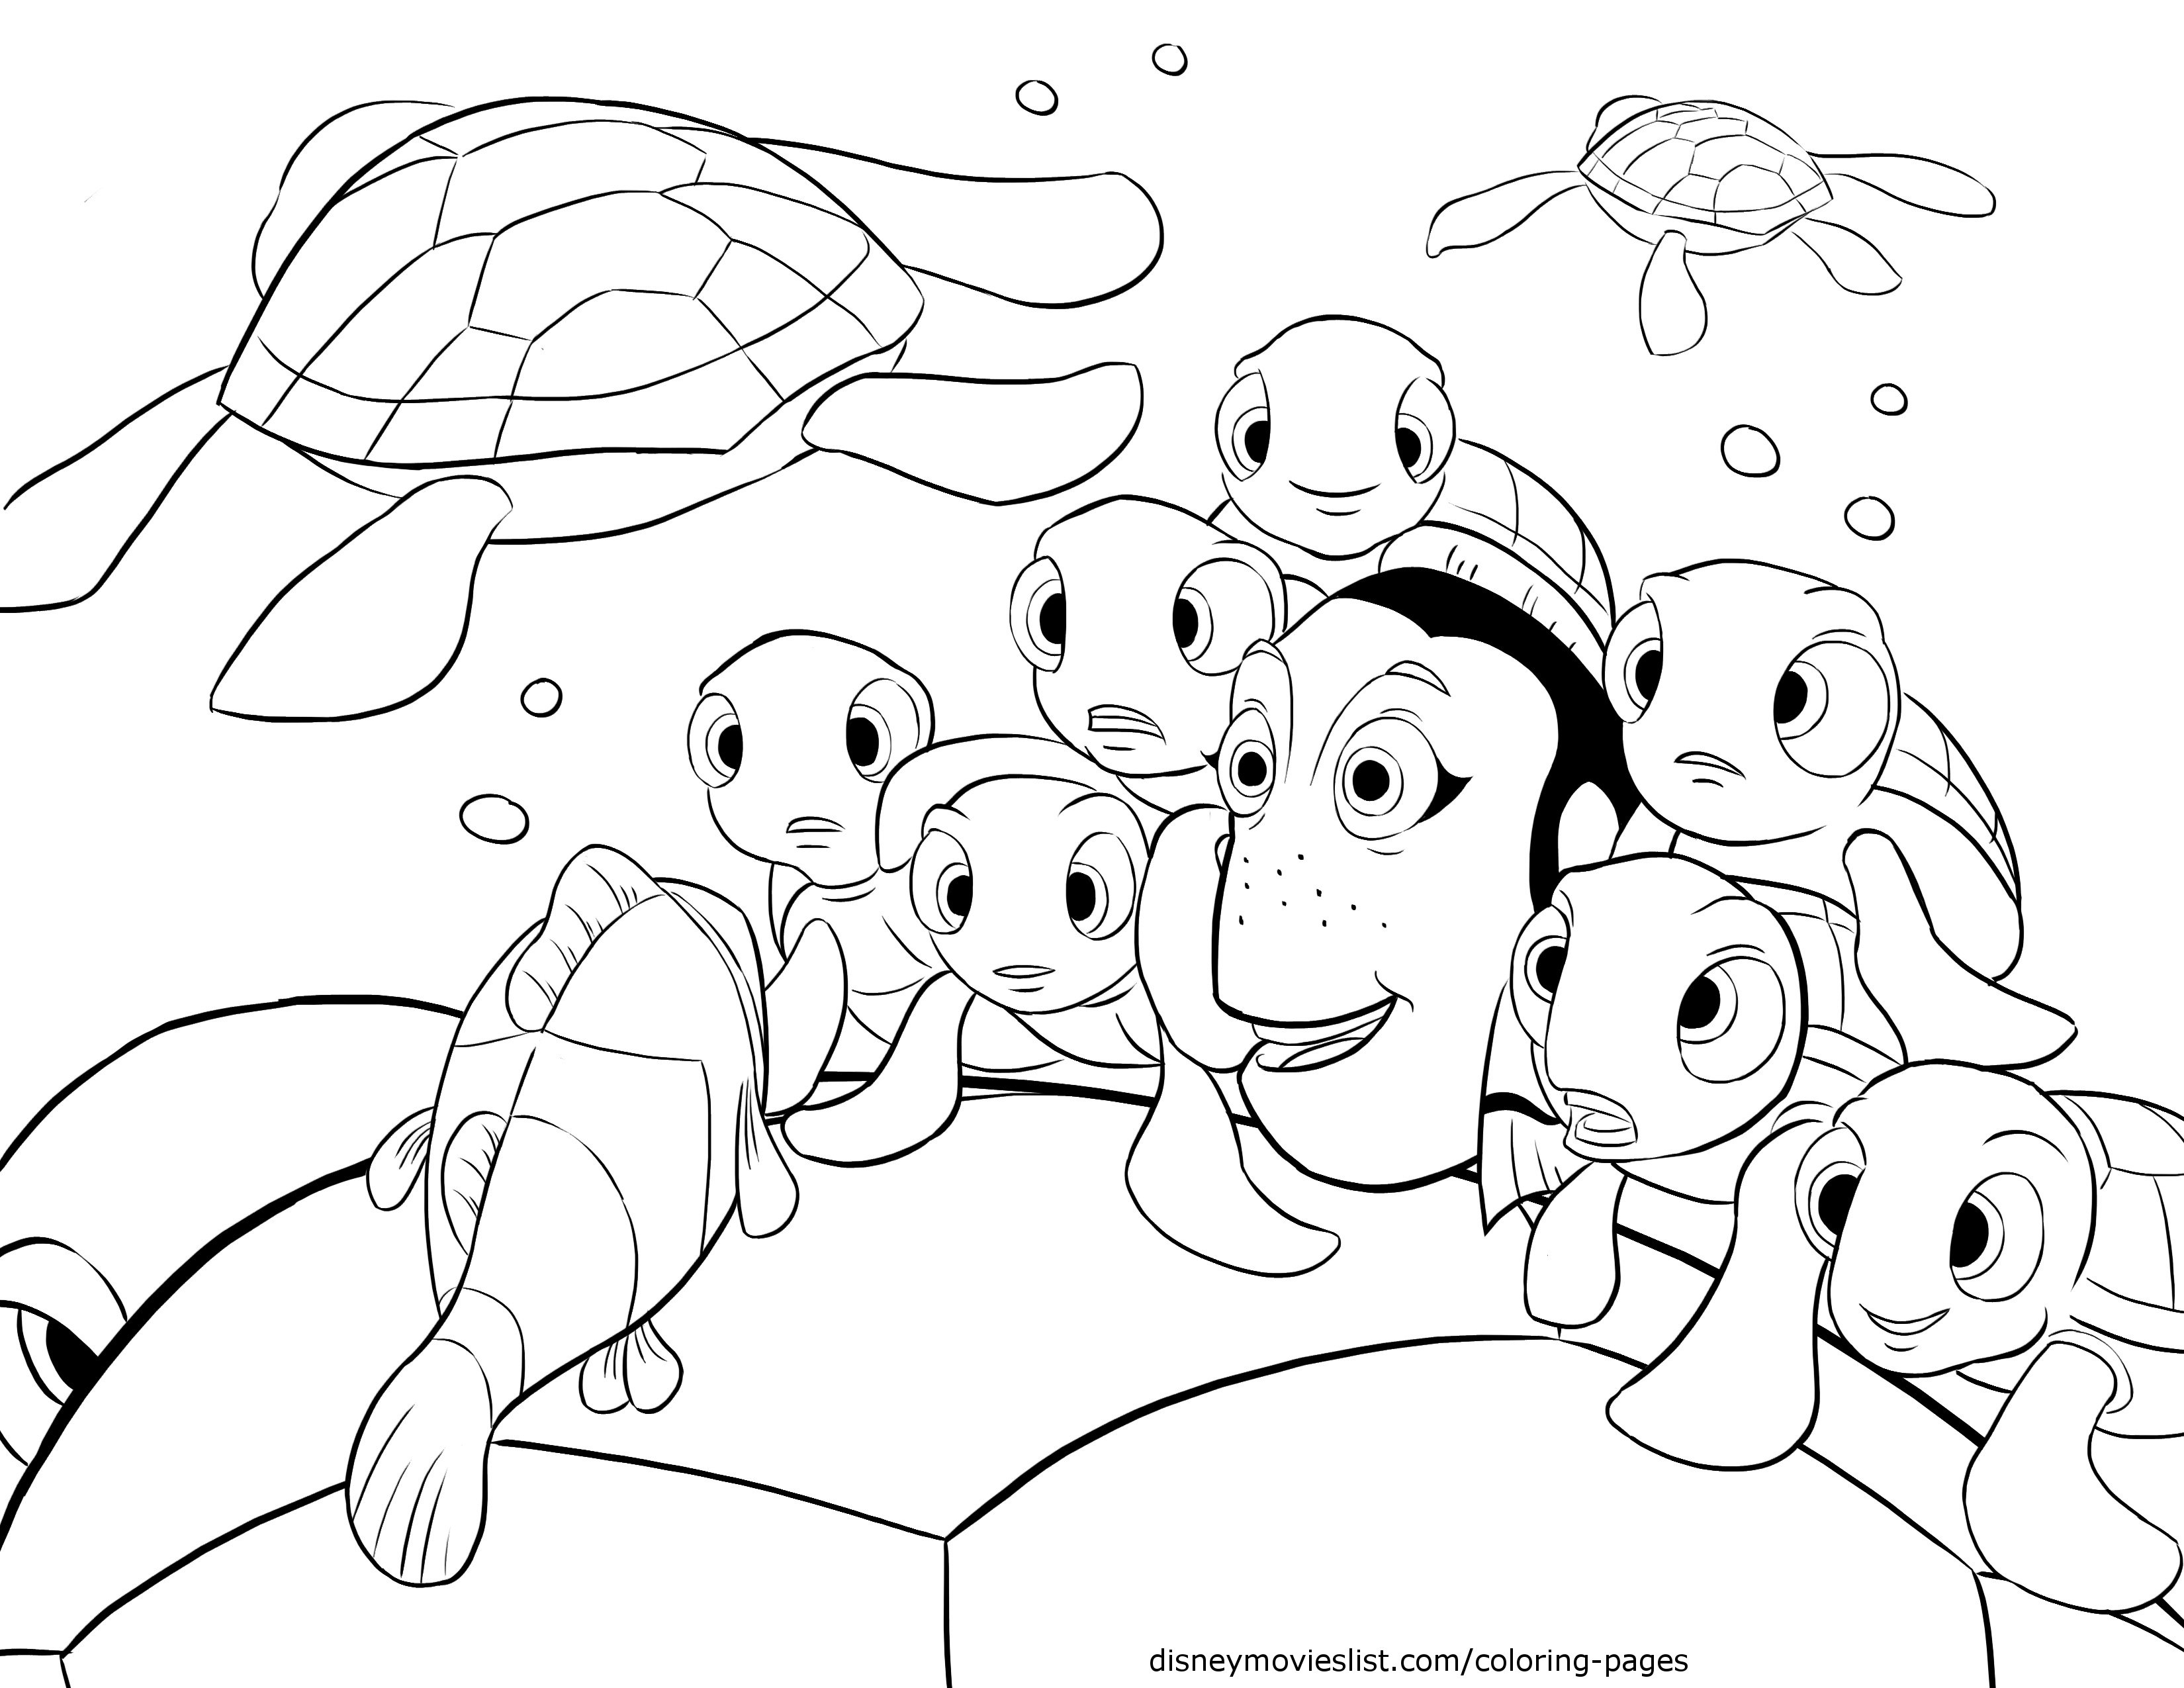 Dessin De Coloriage Nemo À Imprimer - Cp19215 serapportantà Coloriage Nemo A Imprimer Gratuit